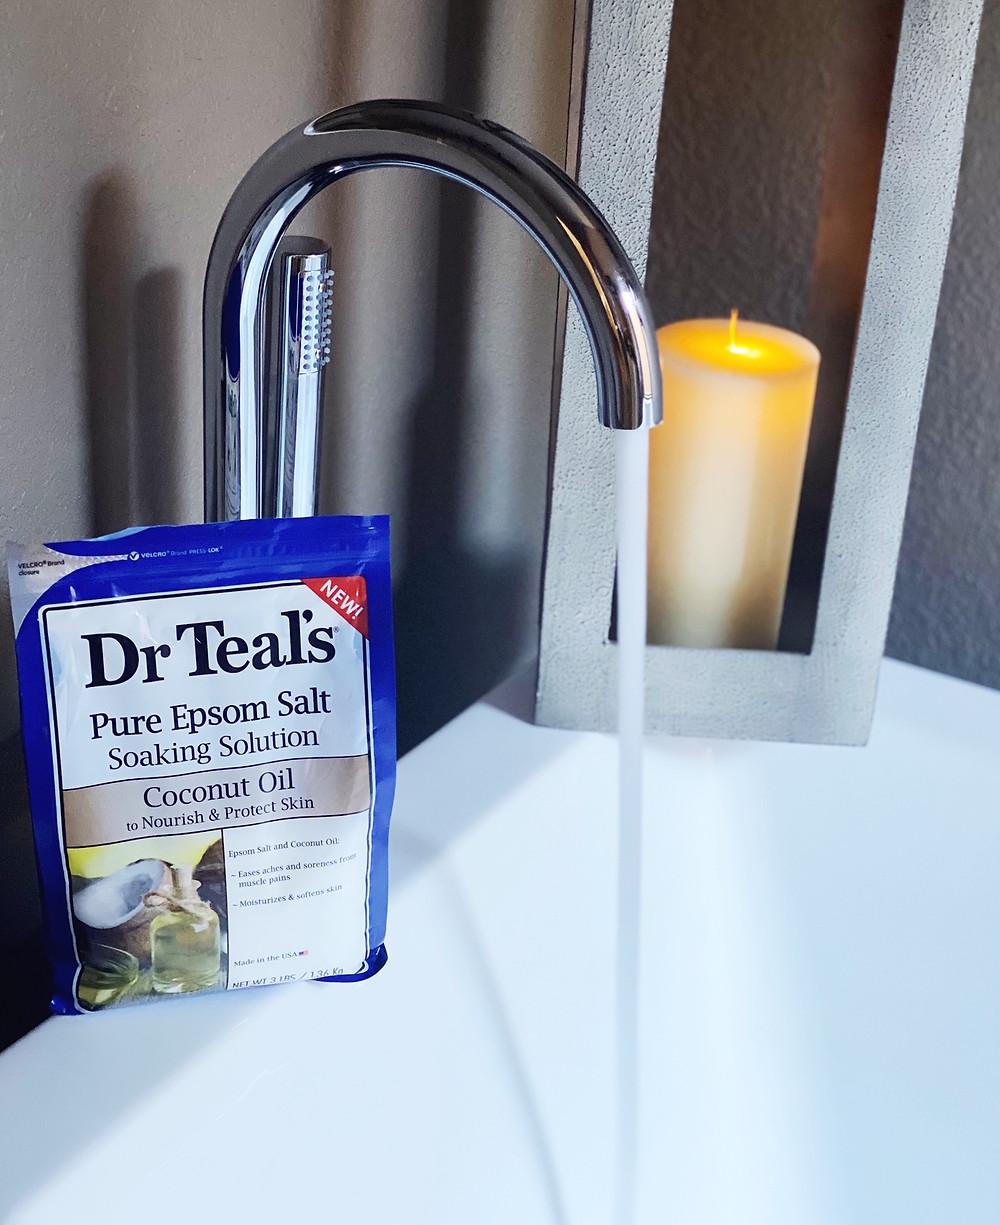 Dr. Teals Pure Epsom Salt Coconut Oil | Dr Teals | Fashion Yoga Self Care Blogger